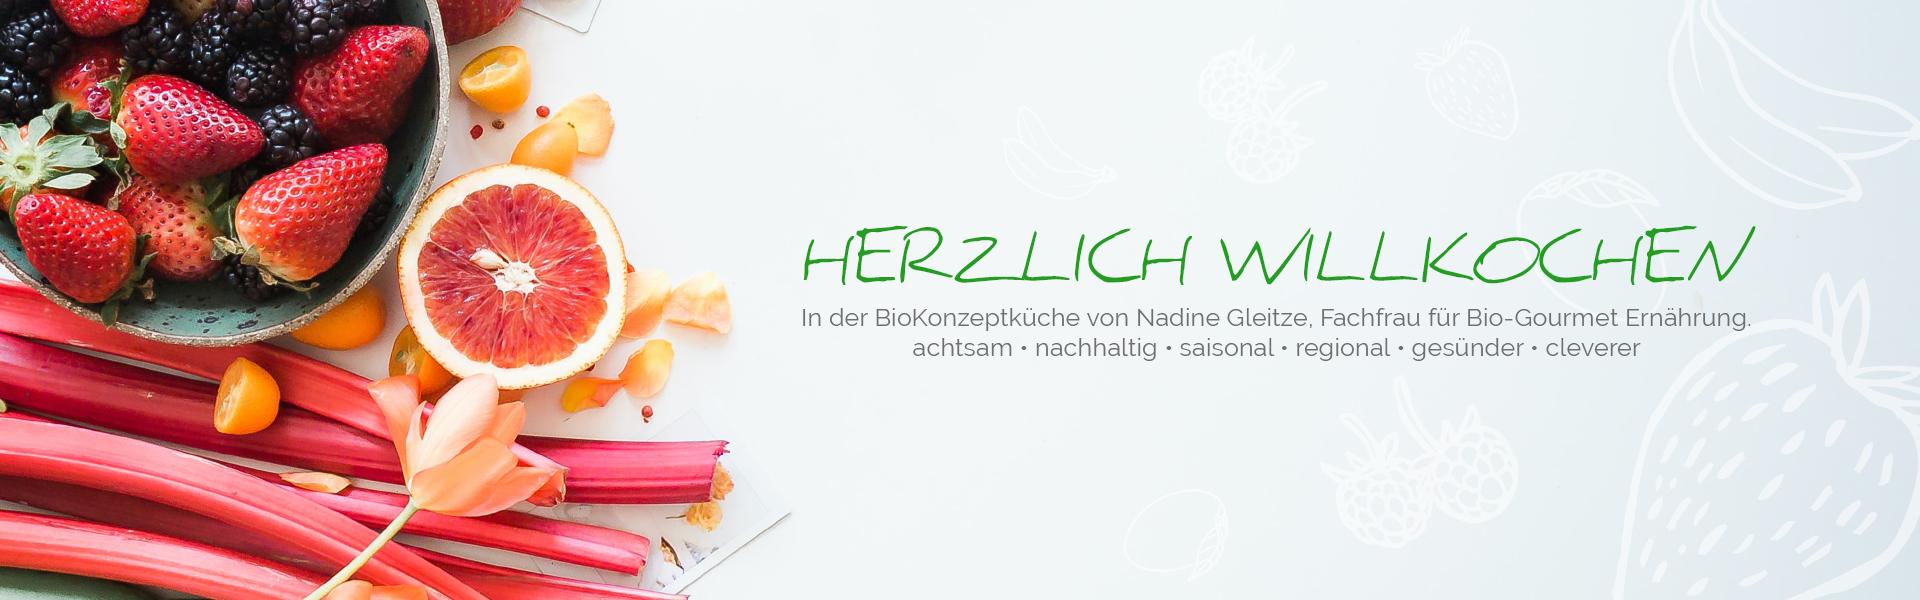 Header_gleitze_09_21